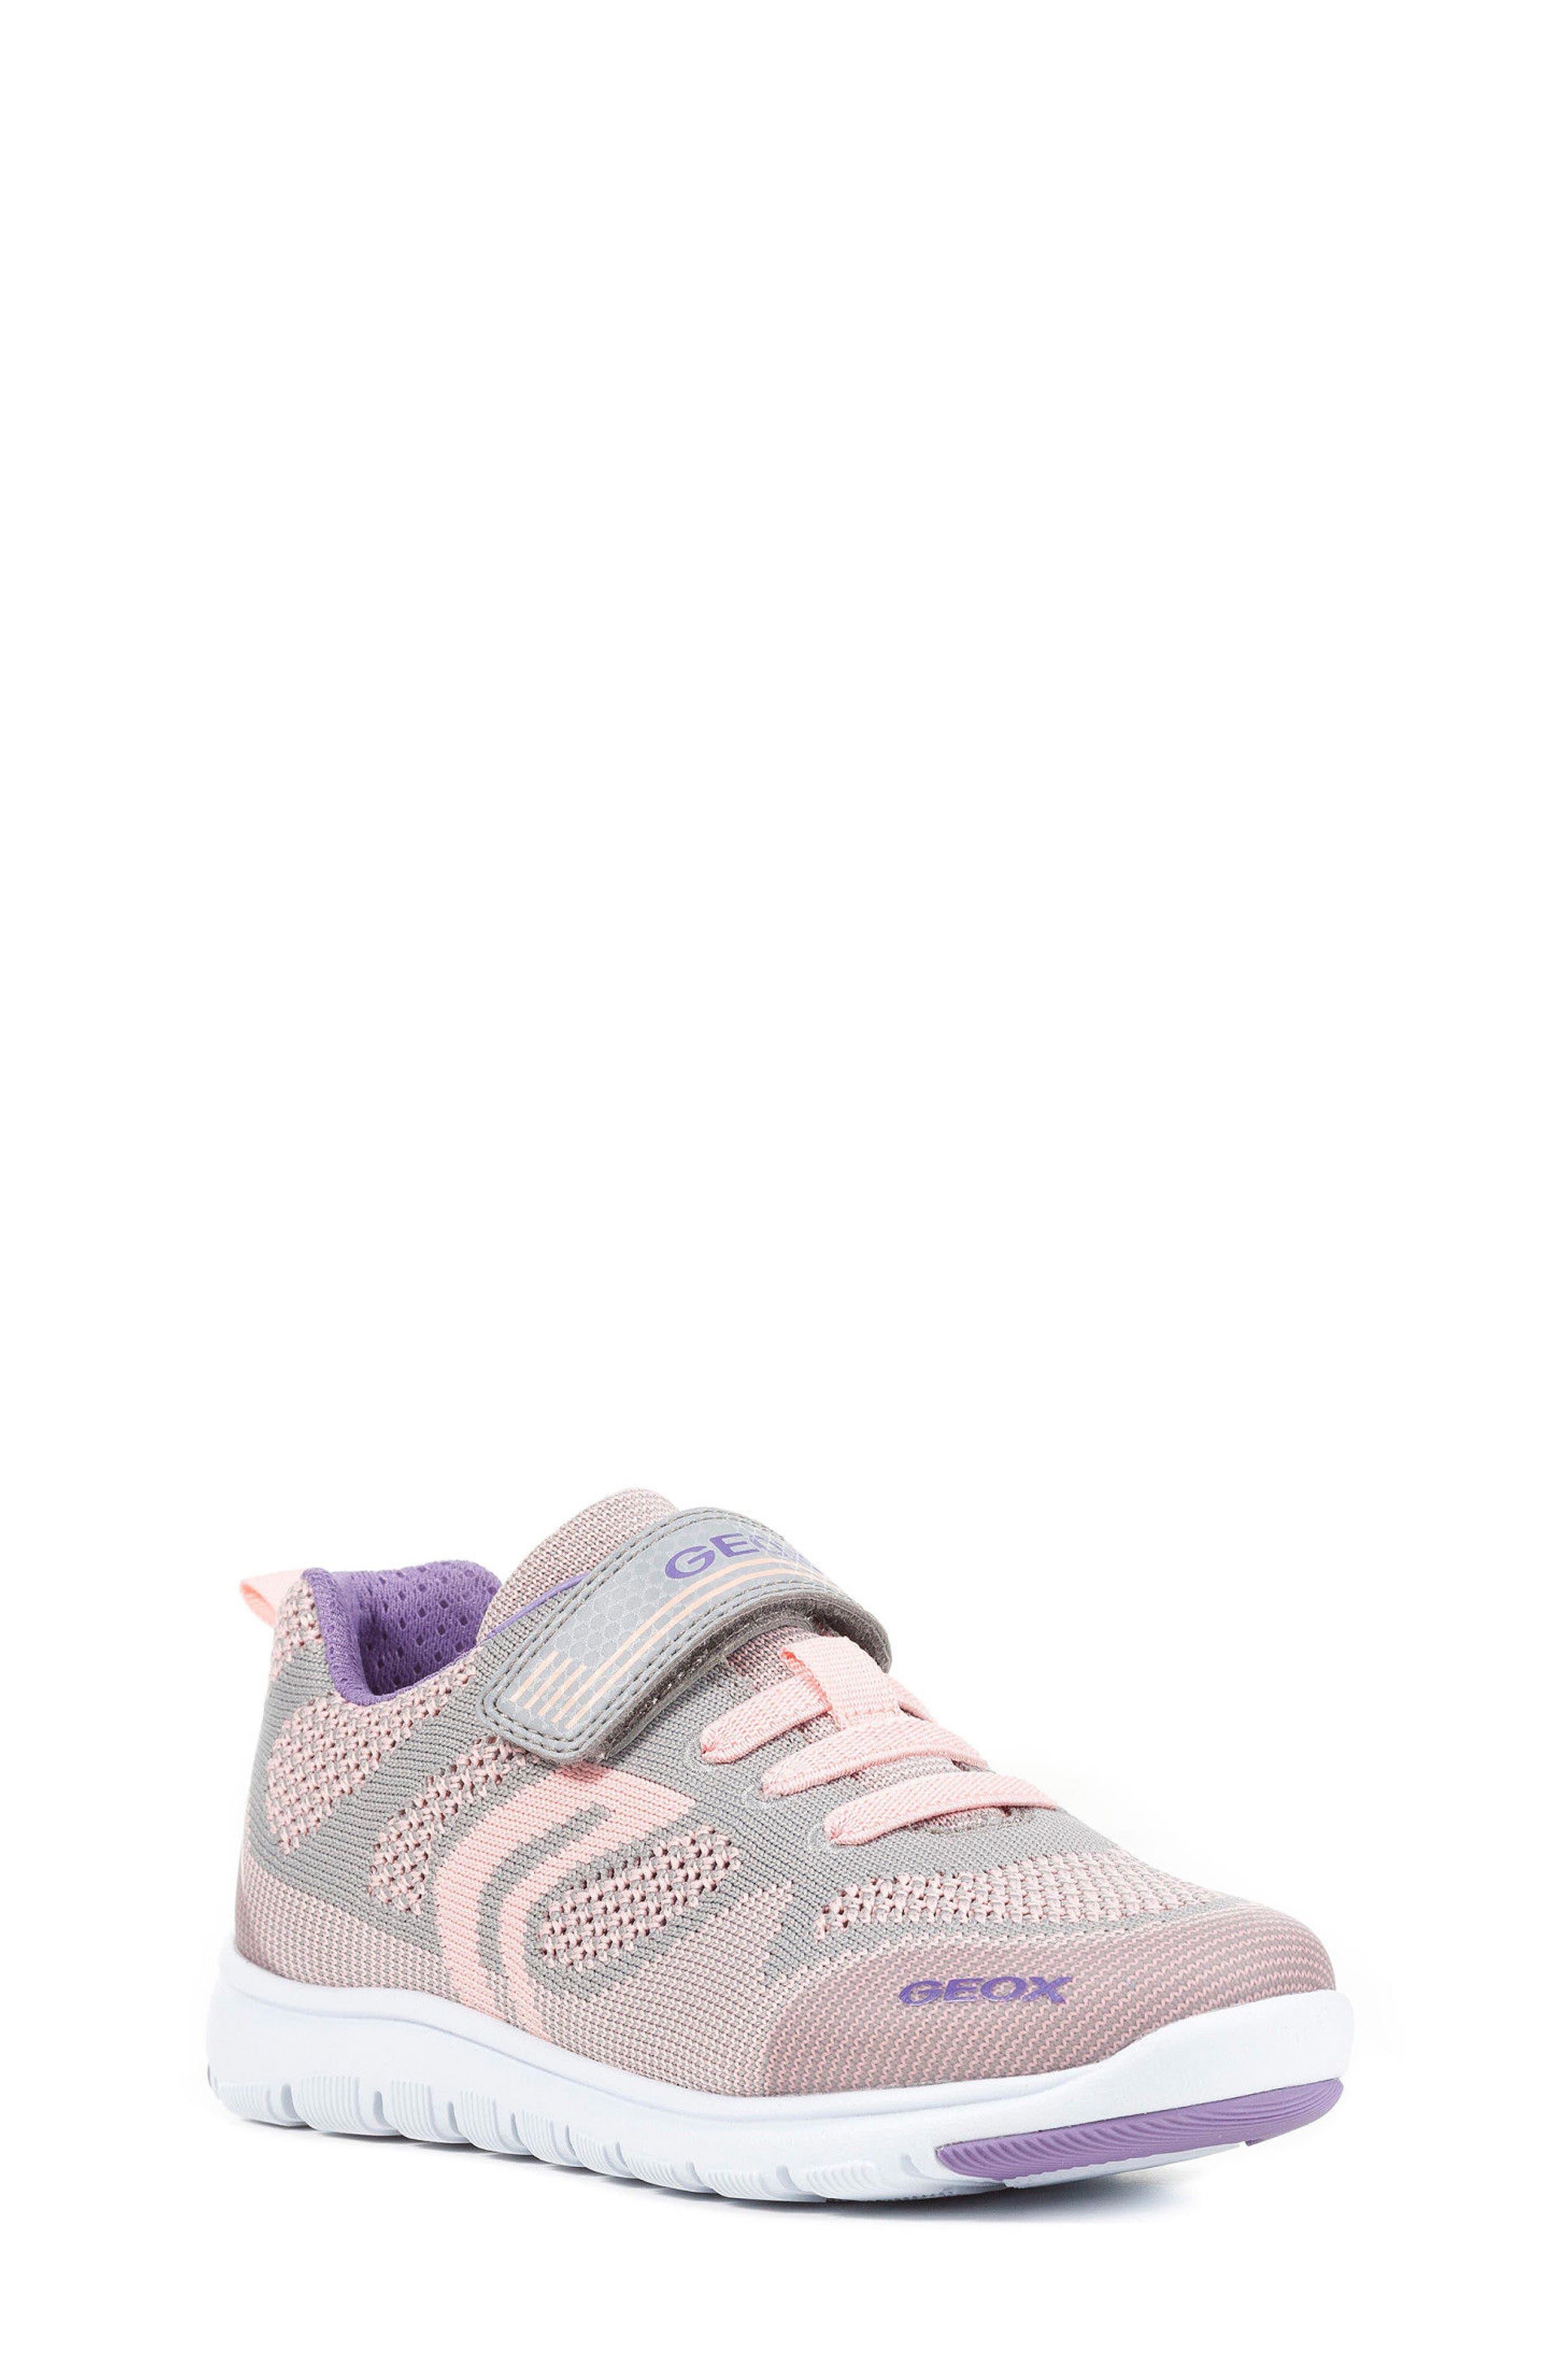 Geox Xunday Low Top Woven Sneaker (Toddler, Little Kid & Big Kid)